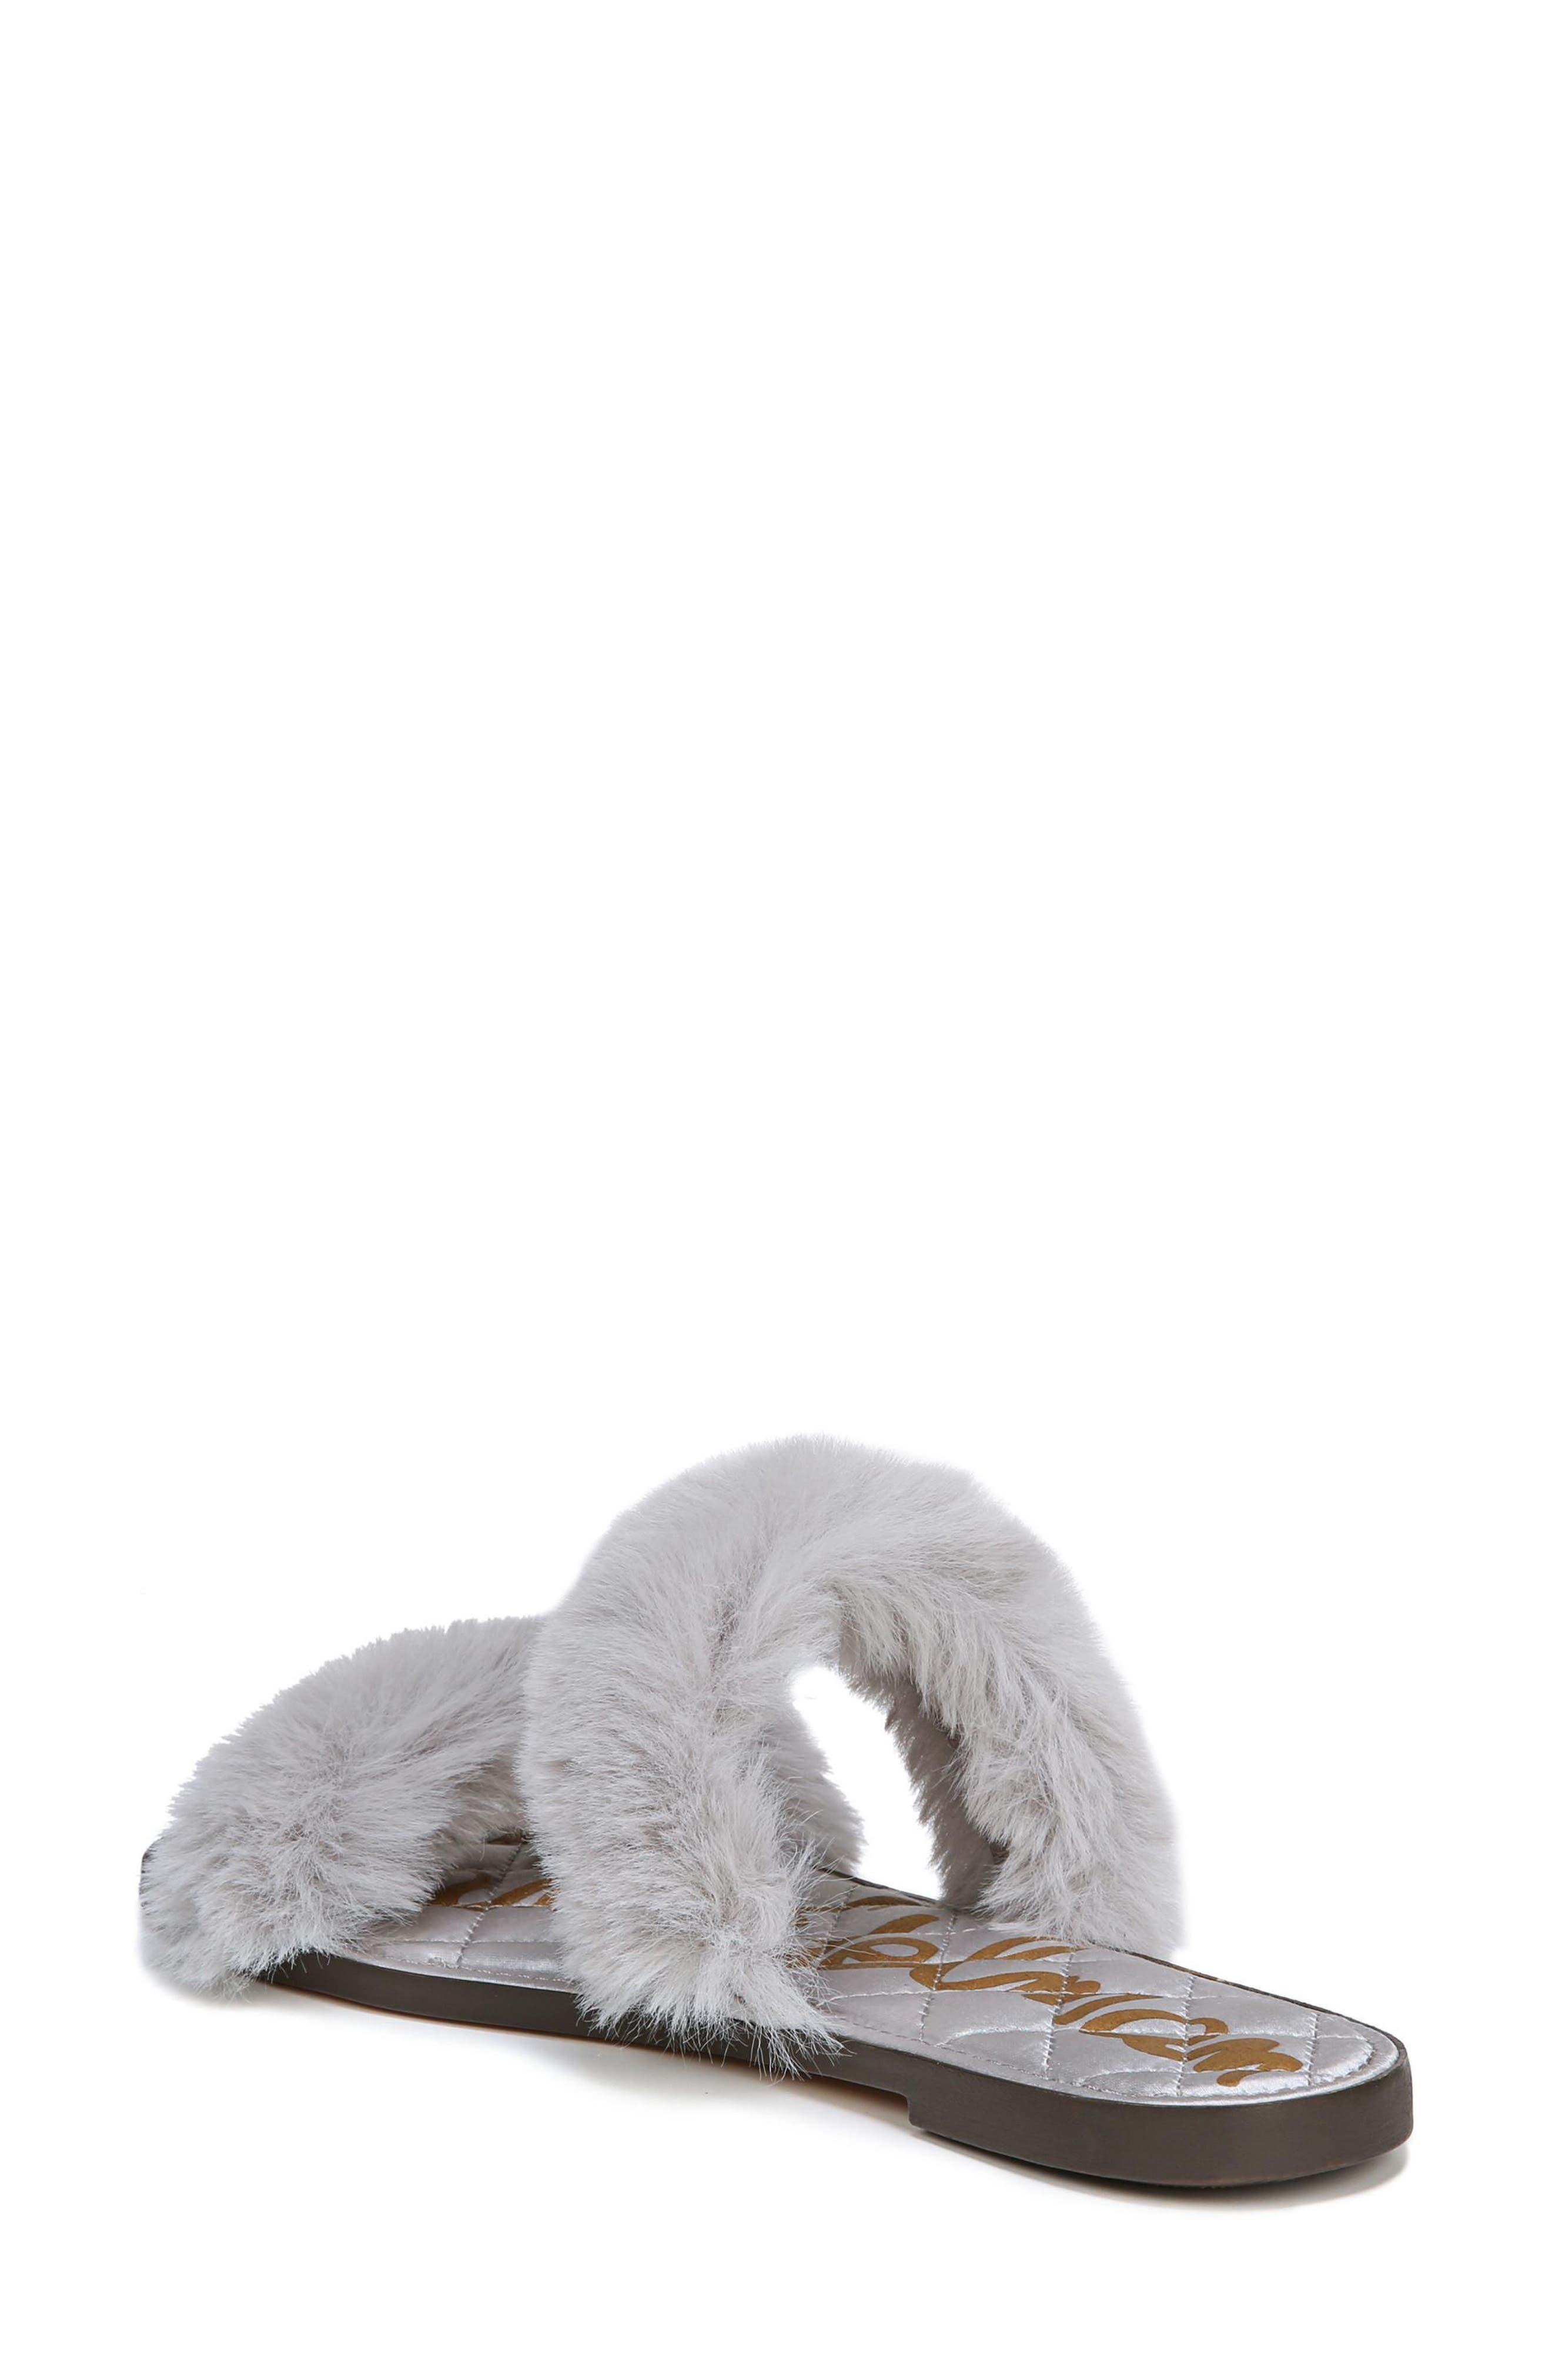 Griselda Faux Fur Slide Sandal,                             Alternate thumbnail 2, color,                             Light Grey Faux Fur